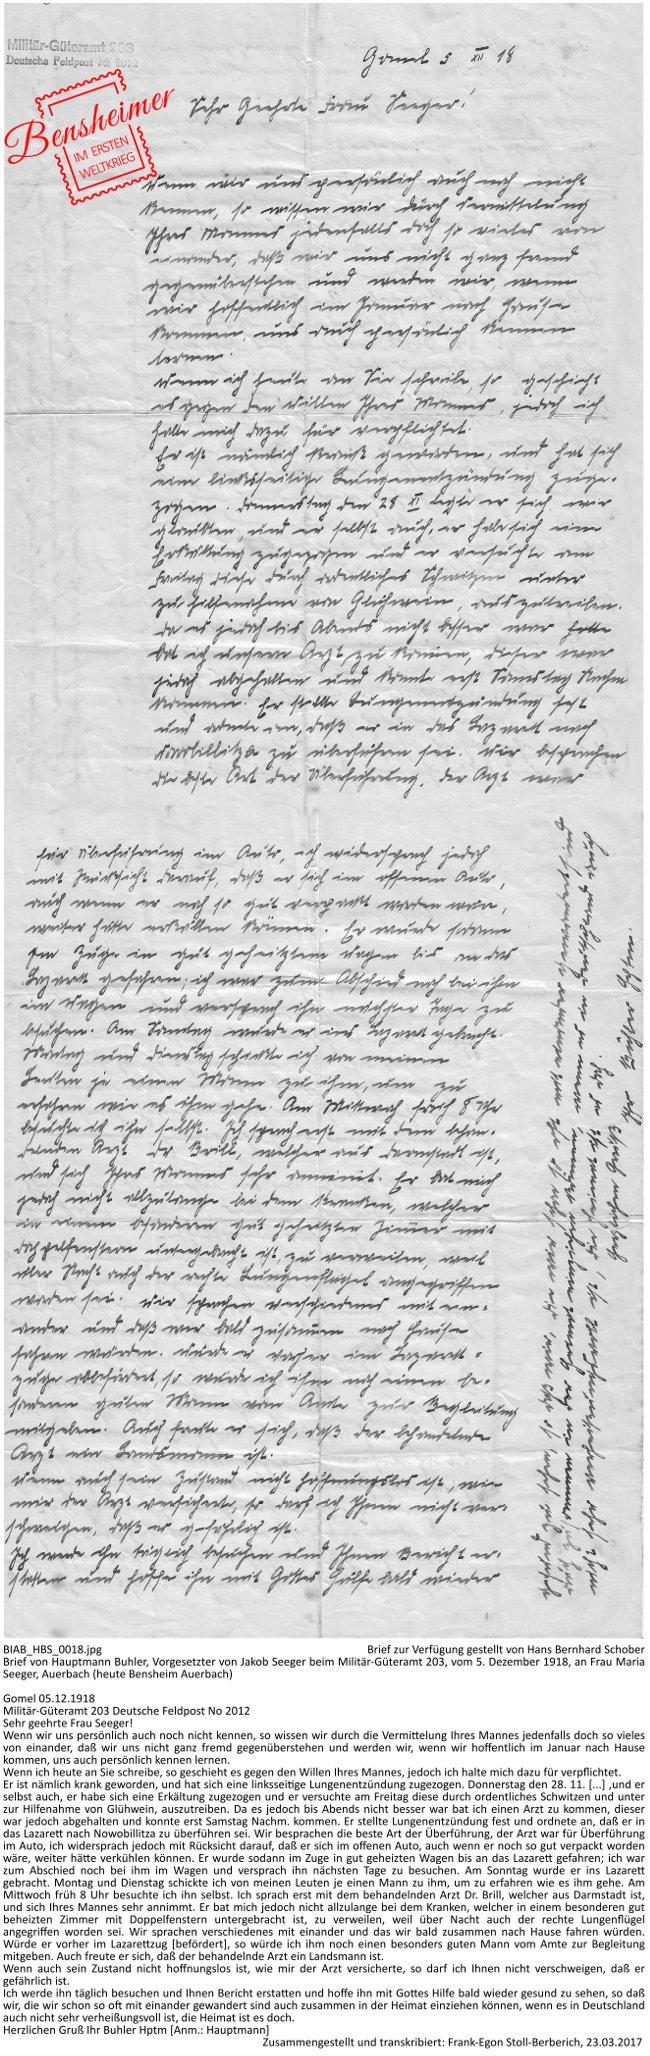 BIAB_HBS_0018.jpg Brief zur Verfügung gestellt von Hans Bernhard Schober, Dokument zusammengestellt und transkribiert: Frank-Egon Stoll-Berberich 2017